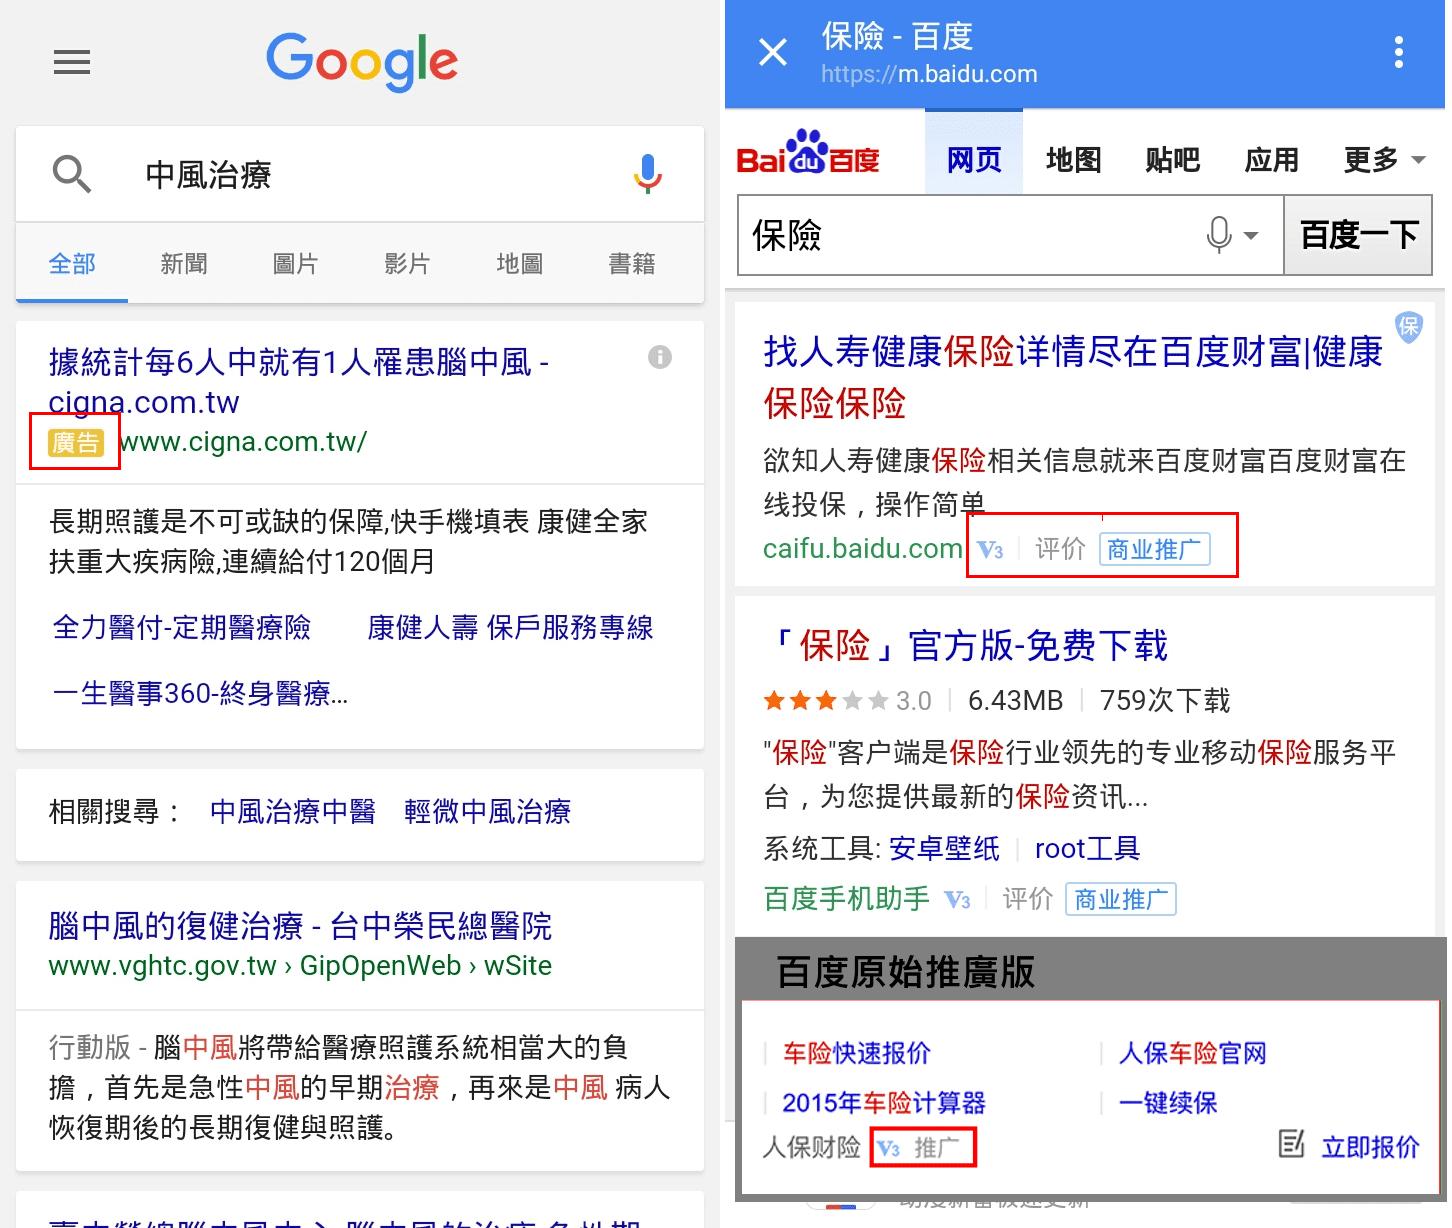 左側為 Google 醫療搜尋結果截圖。右側為百度改版的廣告搜尋結果。(因百度已將醫療類廣告下架,改以其它關鍵字示範)